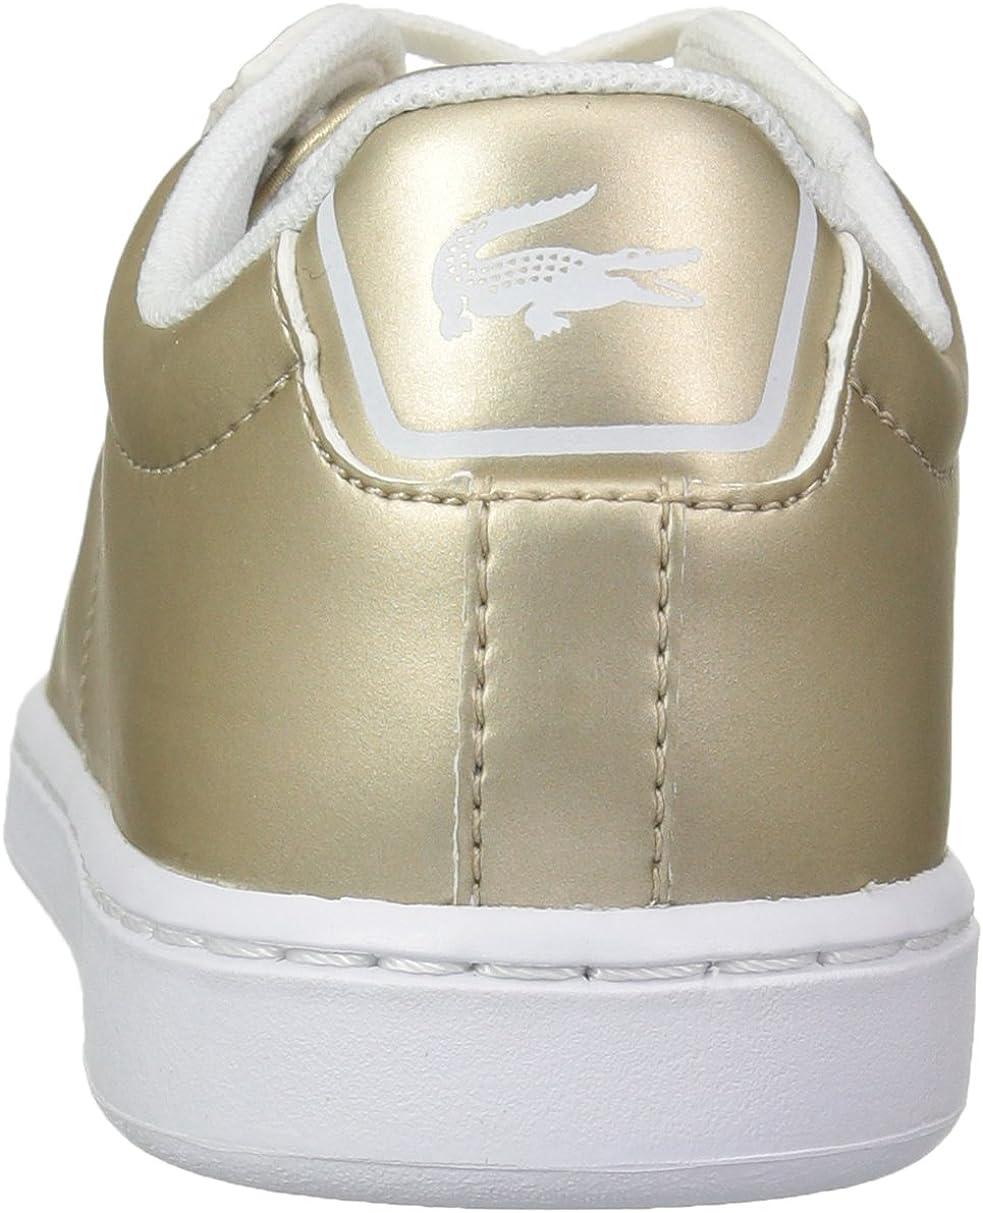 Lacoste Kids Carnaby Evo Sneaker